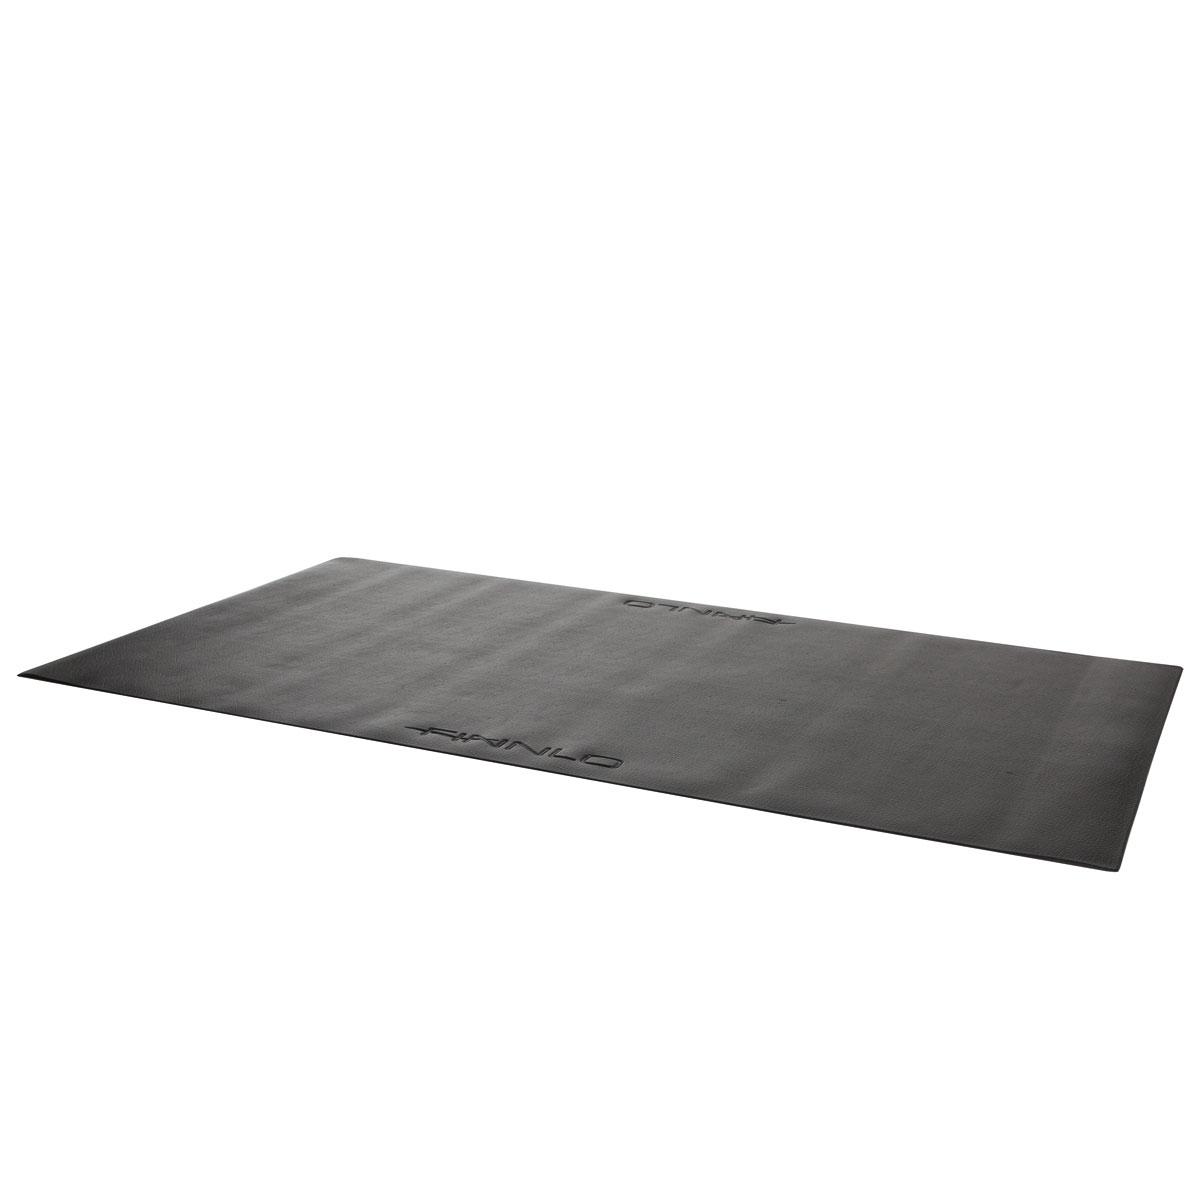 Finnlo Floor Mat XL fitneszszőnyeg